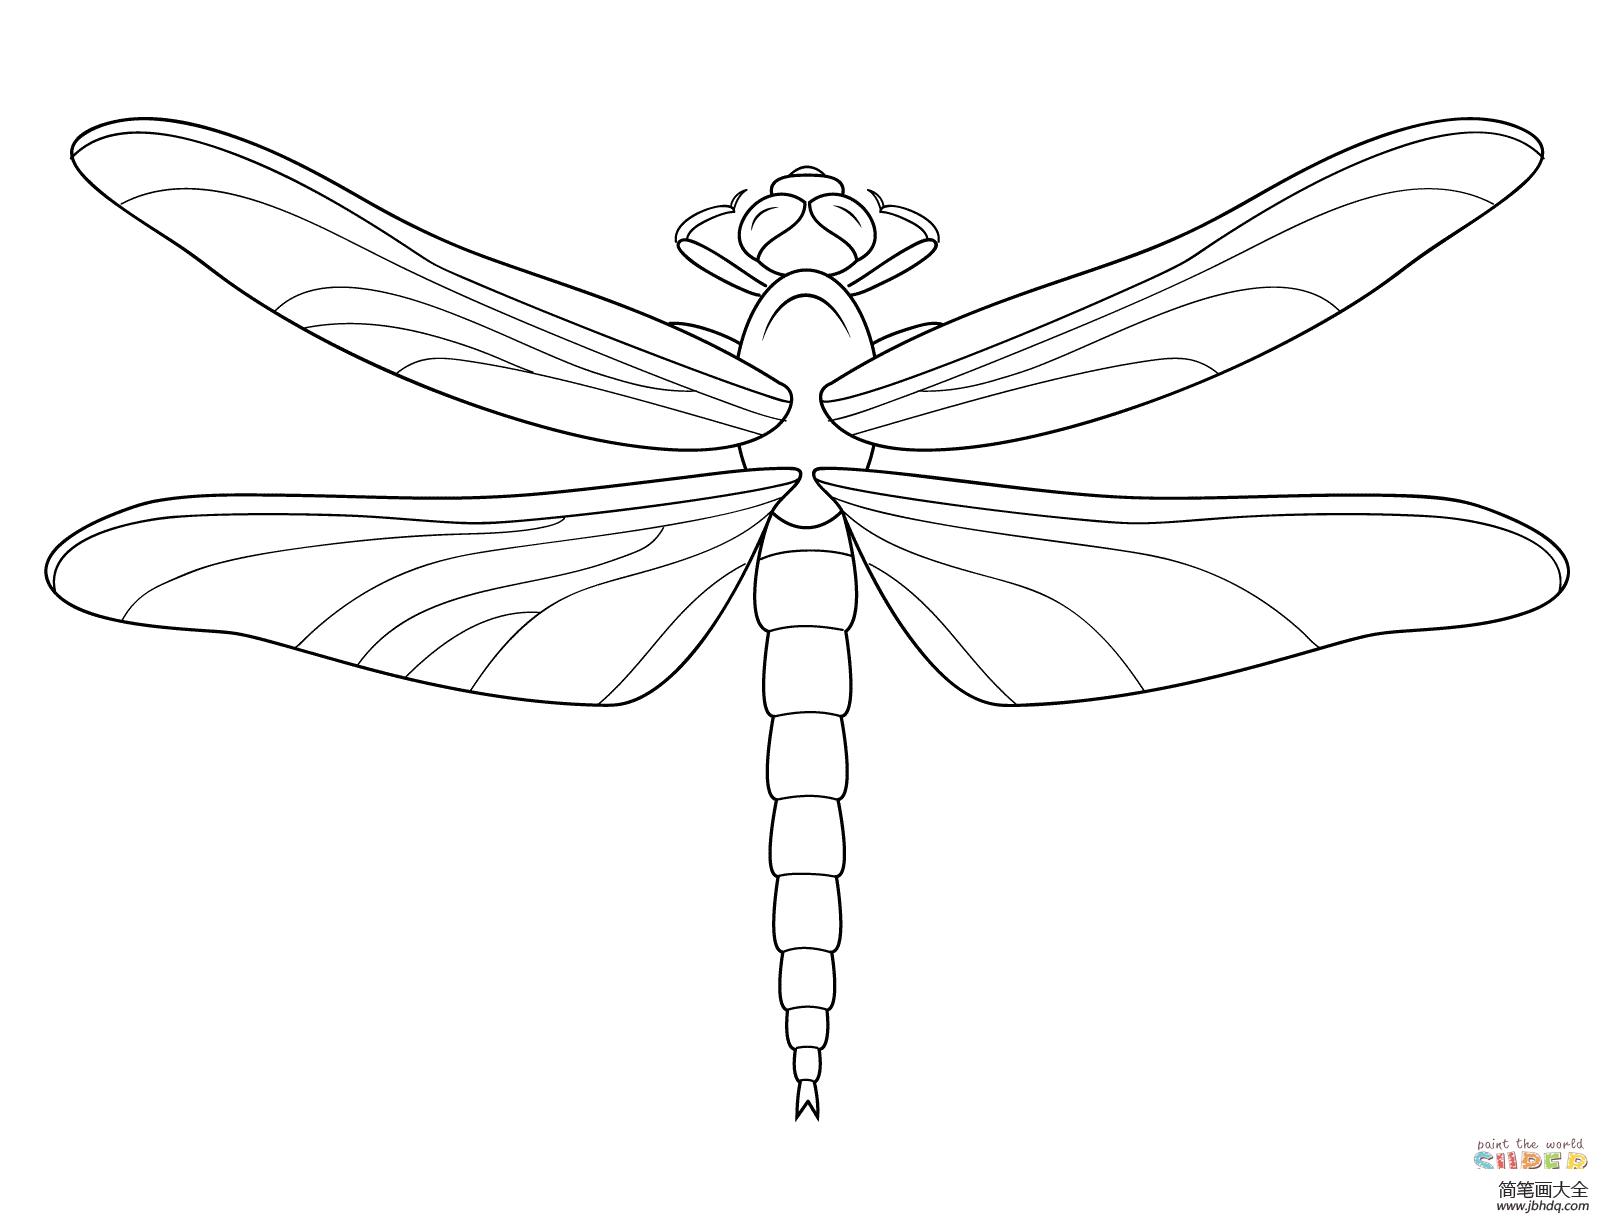 简单的蜻蜓怎么画_蜻蜓怎么画简单又漂亮